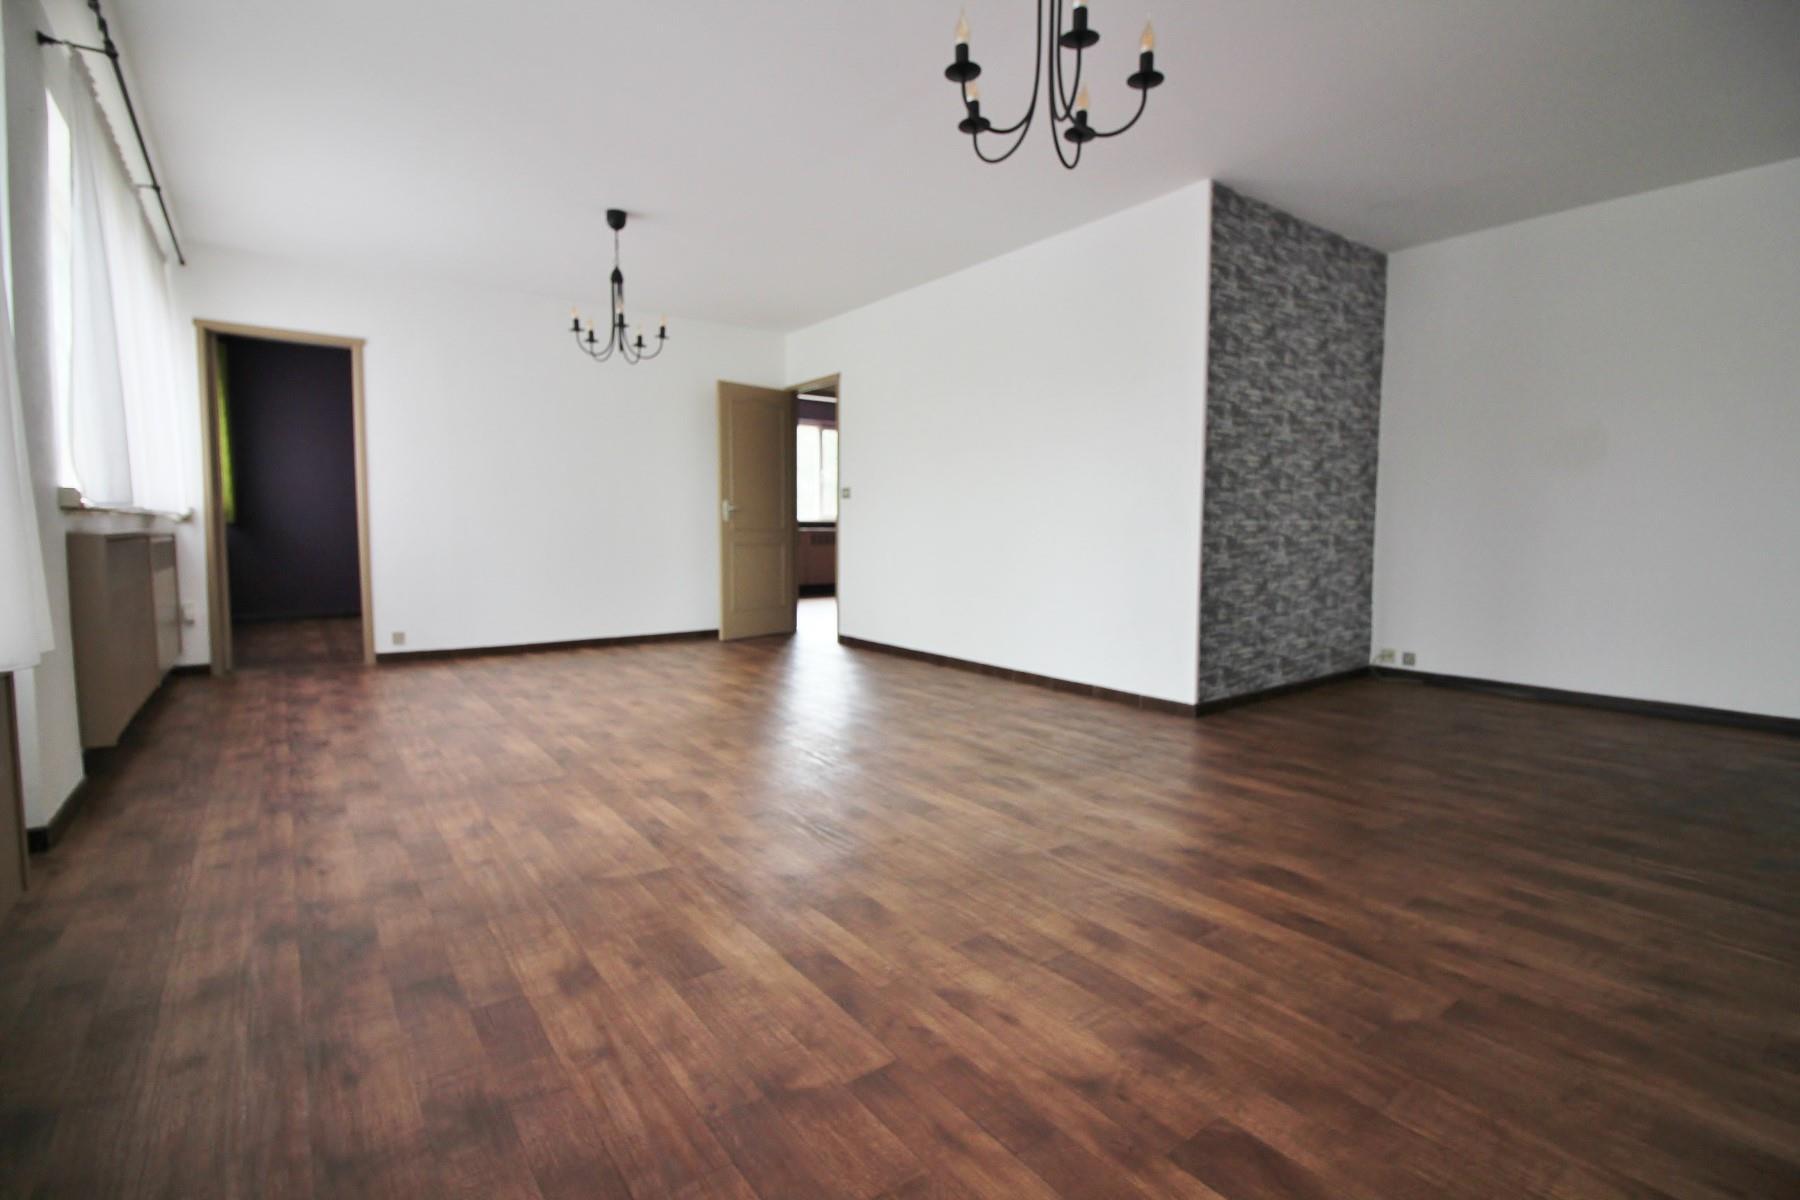 Appartement - Seraing - #4025985-2